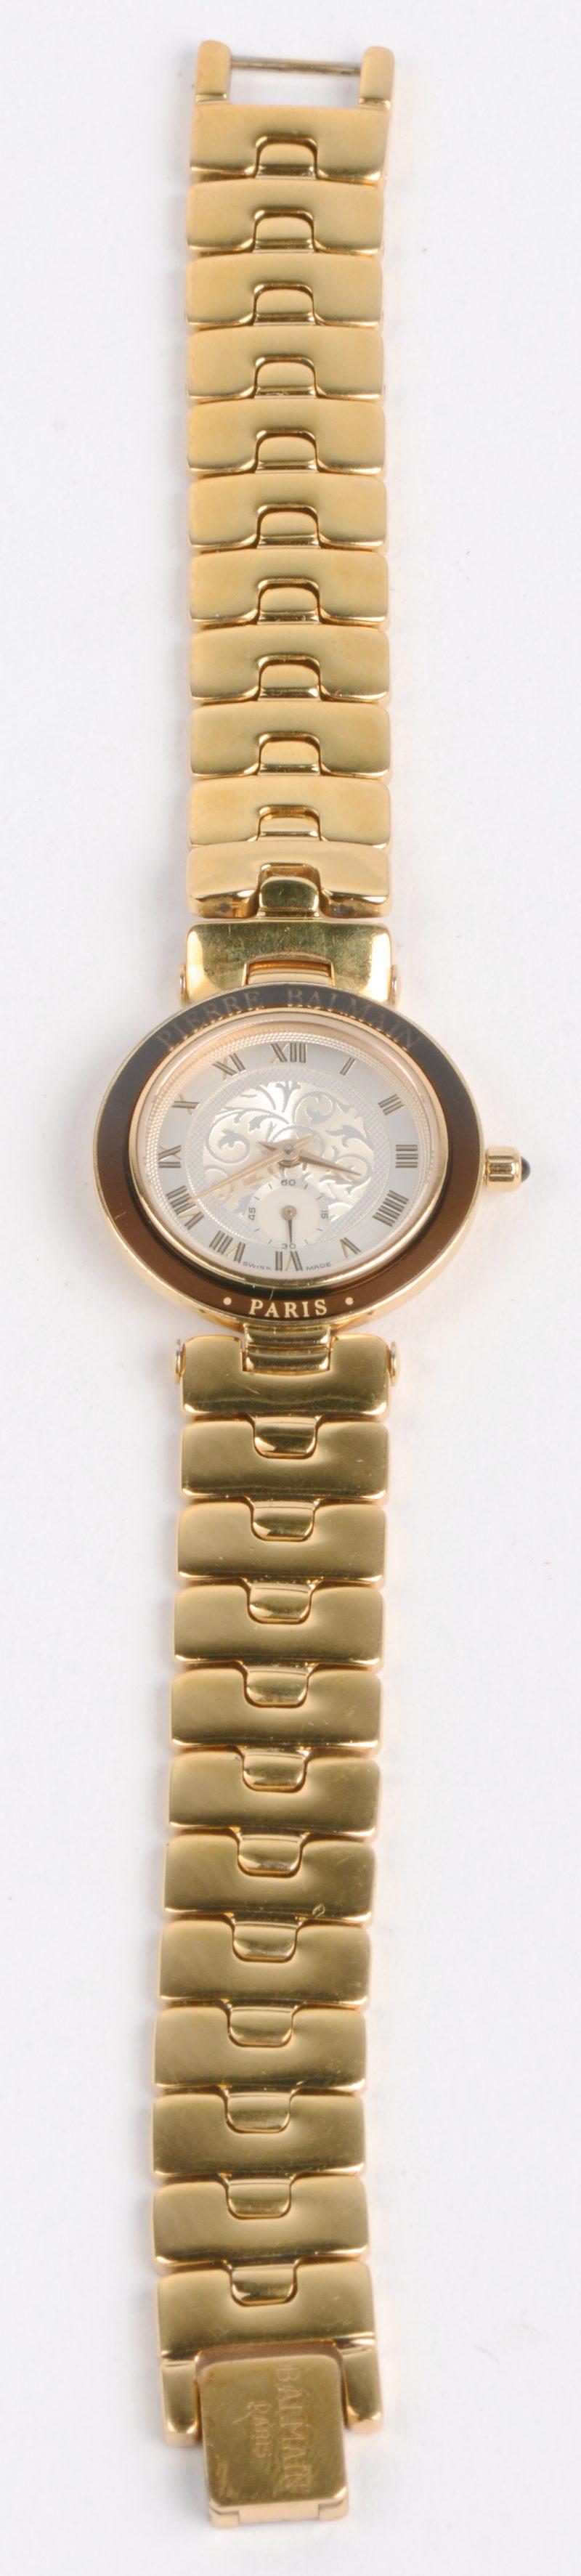 Een roestvrij stalen horloge in originele doos. Swiss Made.